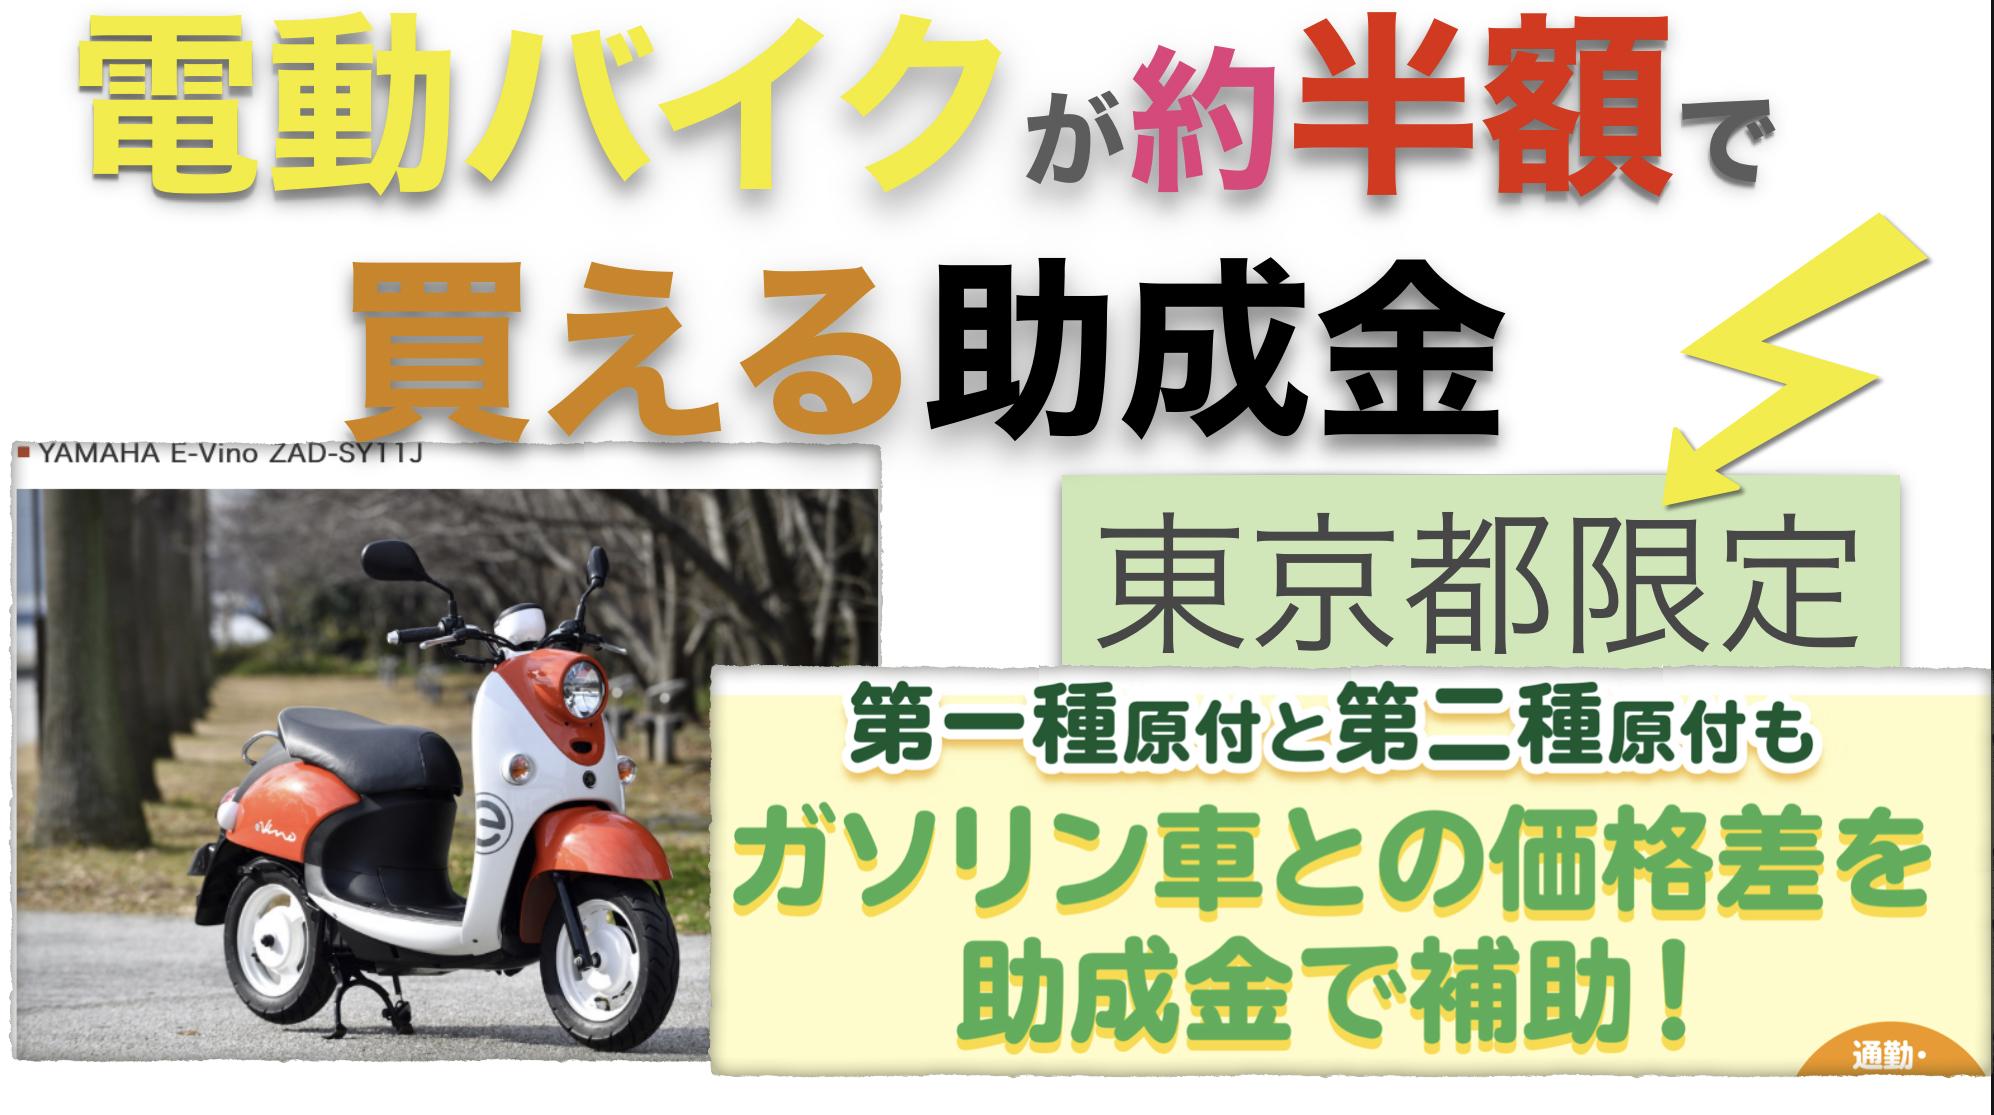 【東京都限定】電動バイクがガソリン車並みで購入サポートしてくれる助成金情報|行政書士阿部総合事務所